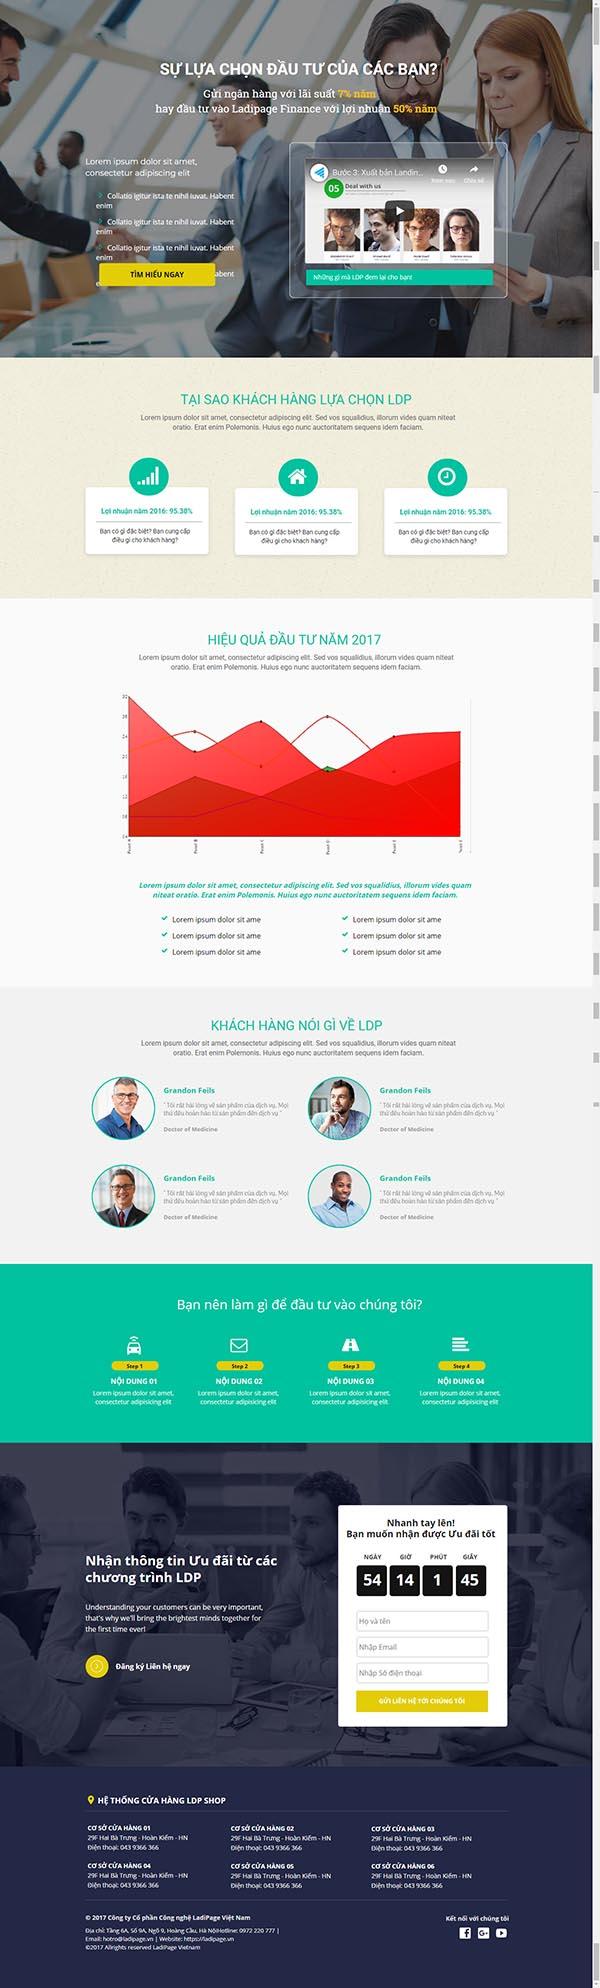 Thiết kế Mẫu website Landing Page 17